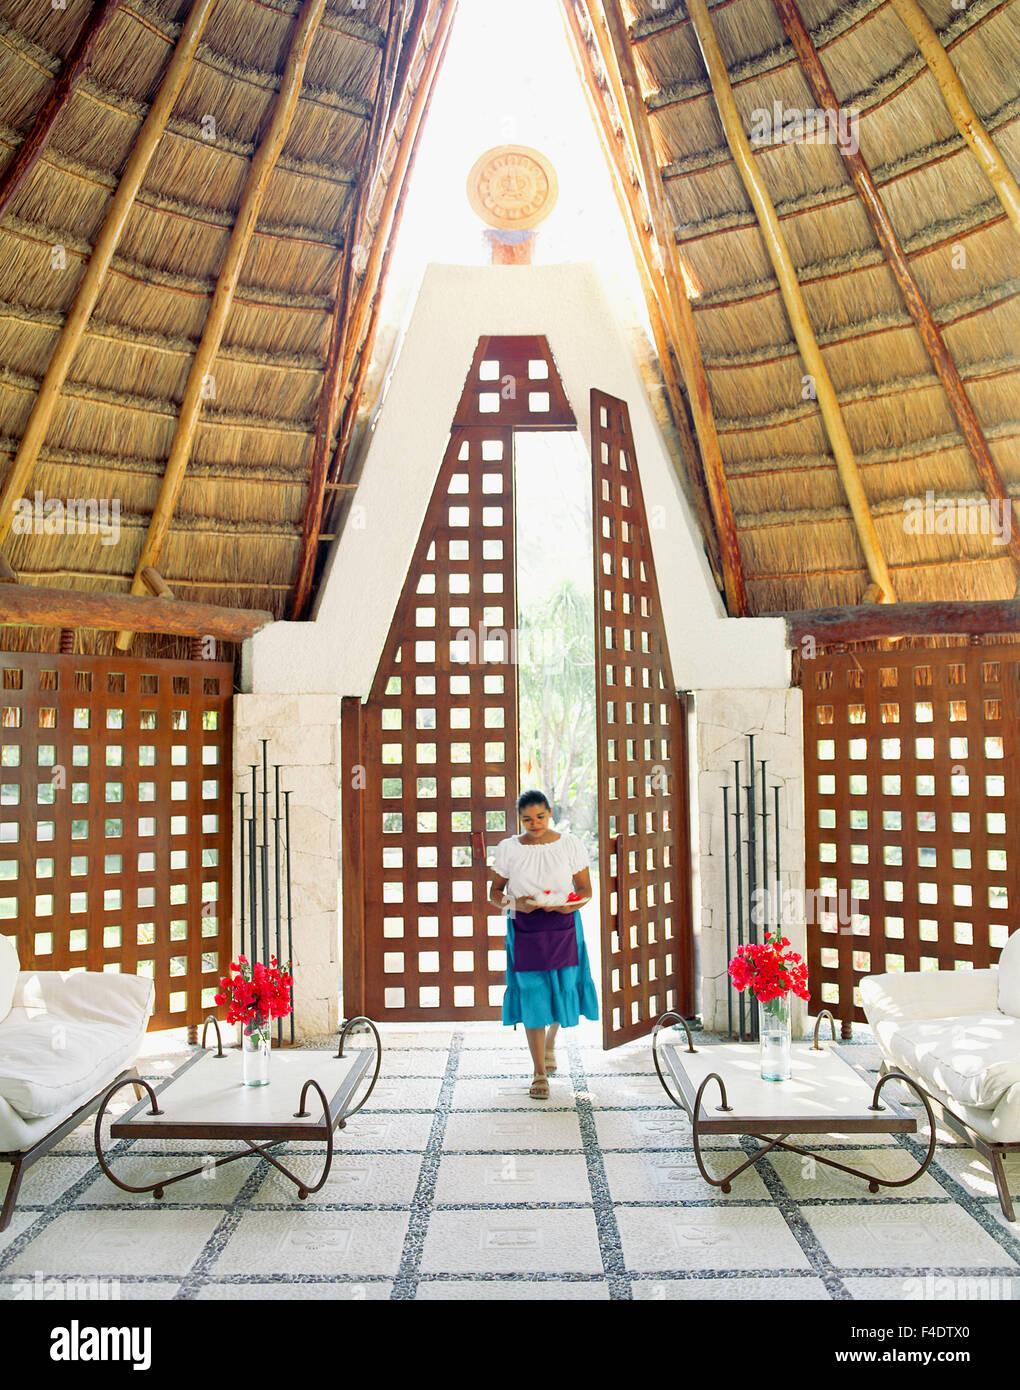 A Mexican staff member walks through the main spa entrance at Maroma Spa and Resort. Riviera Maya,Yucatan,Mexico. - Stock Image